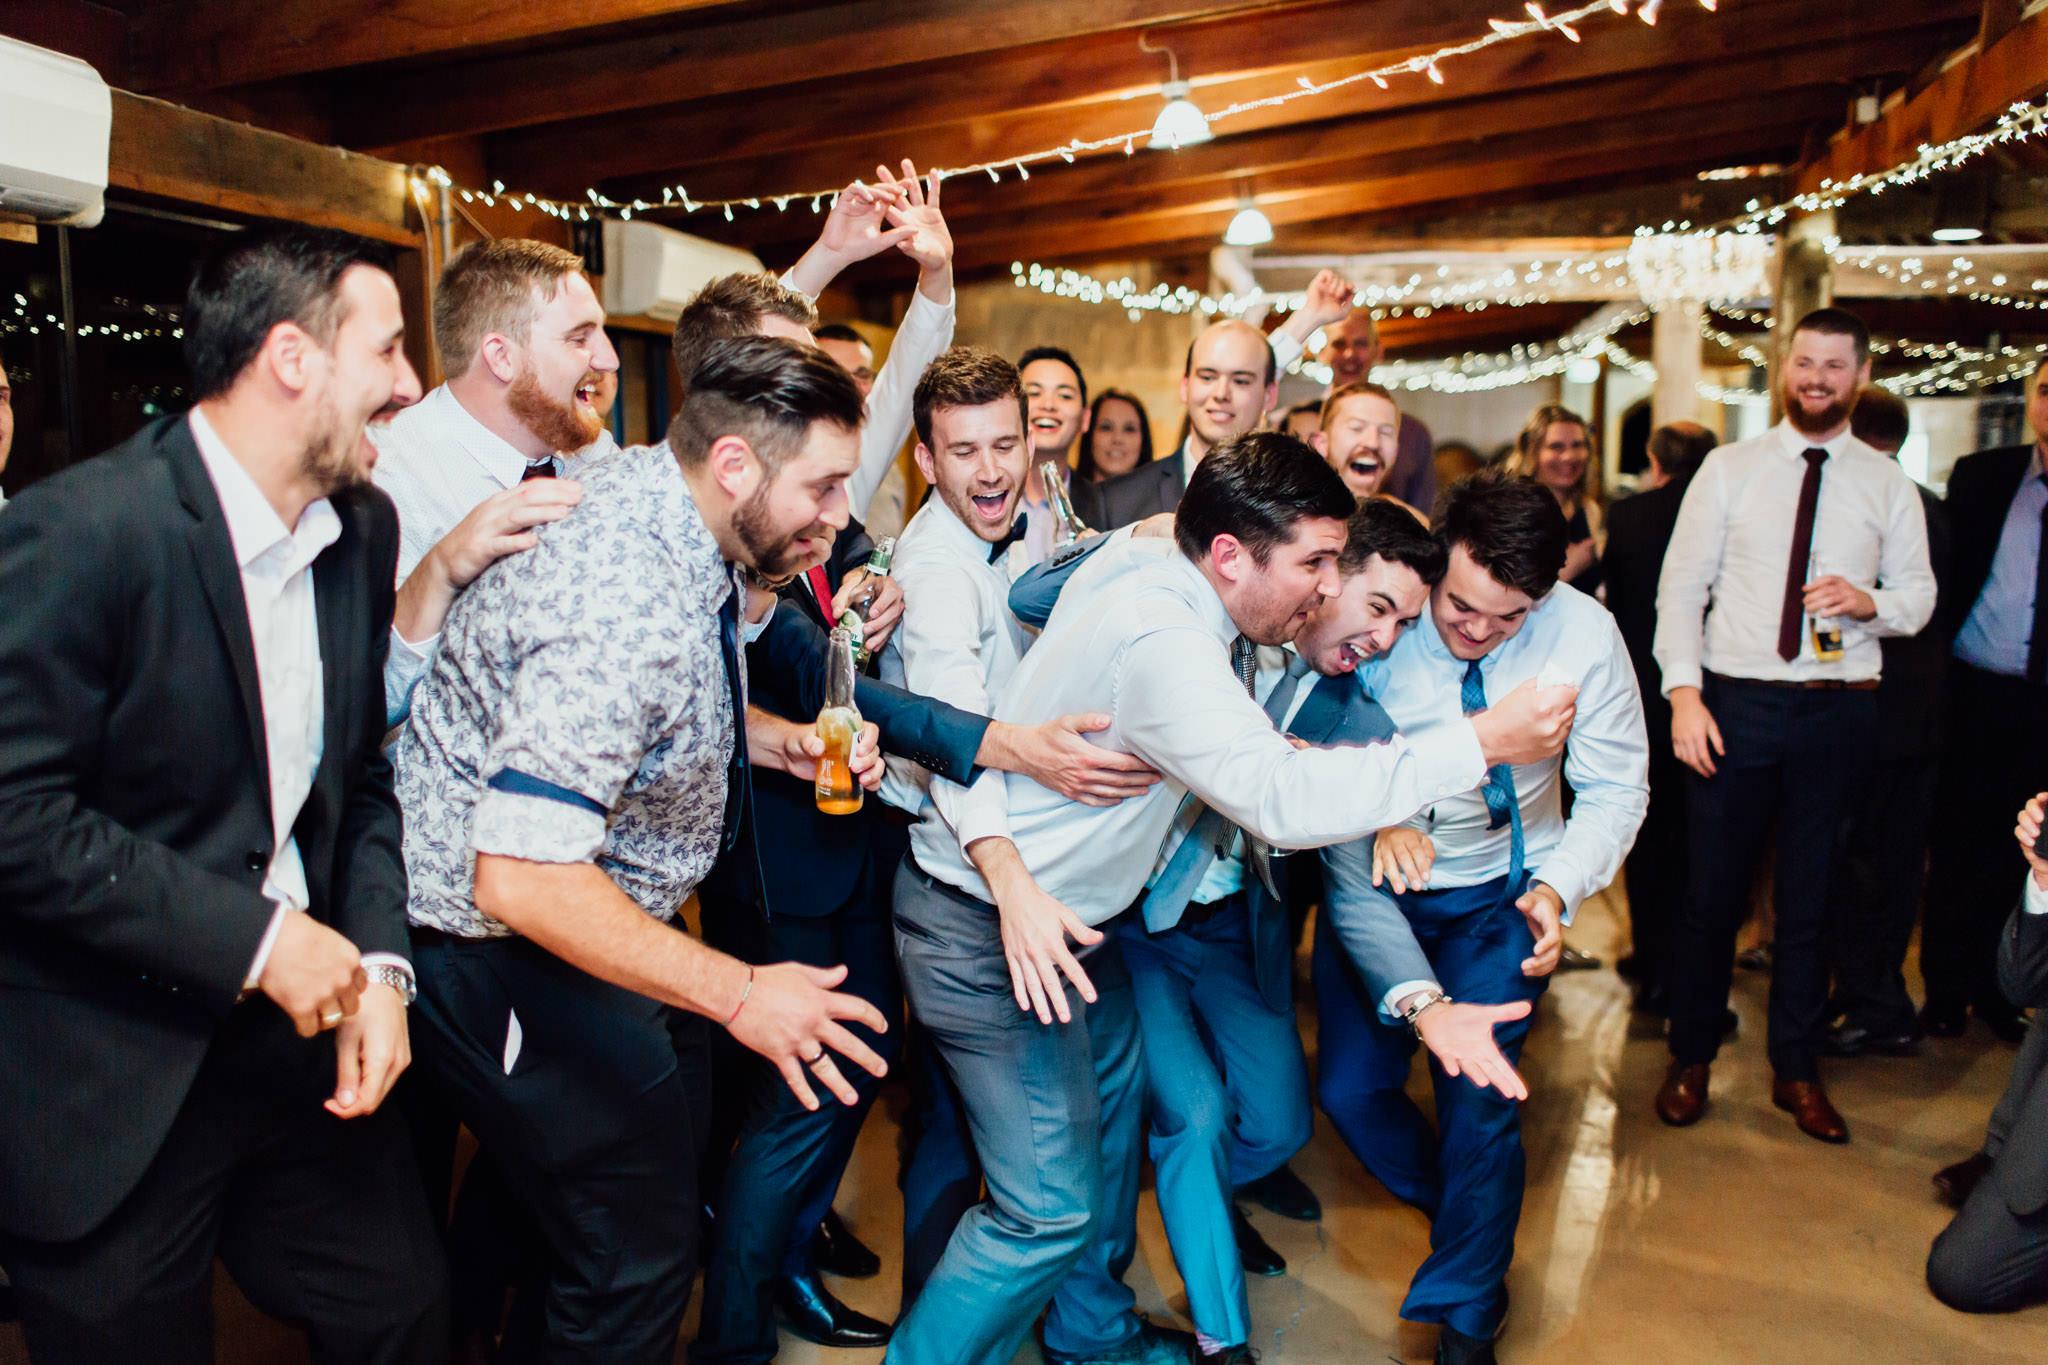 WeddingPhotos_Facebook_2048pixels-1167.jpg